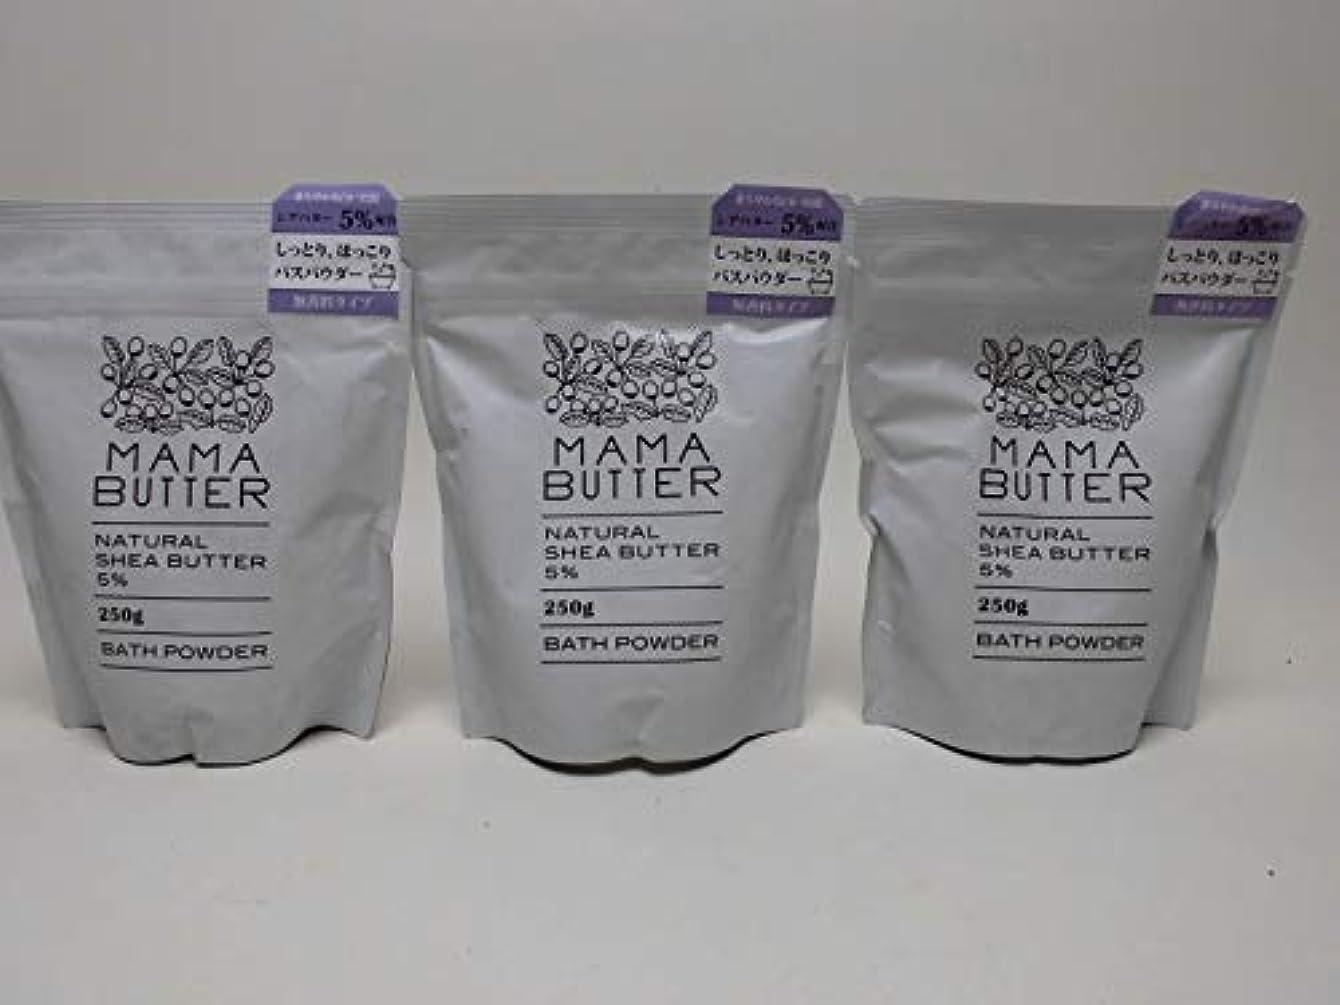 トラフしっとり類推【3袋セット】ママバター 入浴剤 ナチュラルバスパウダー 無香料 250g/定価1944円×3袋セット